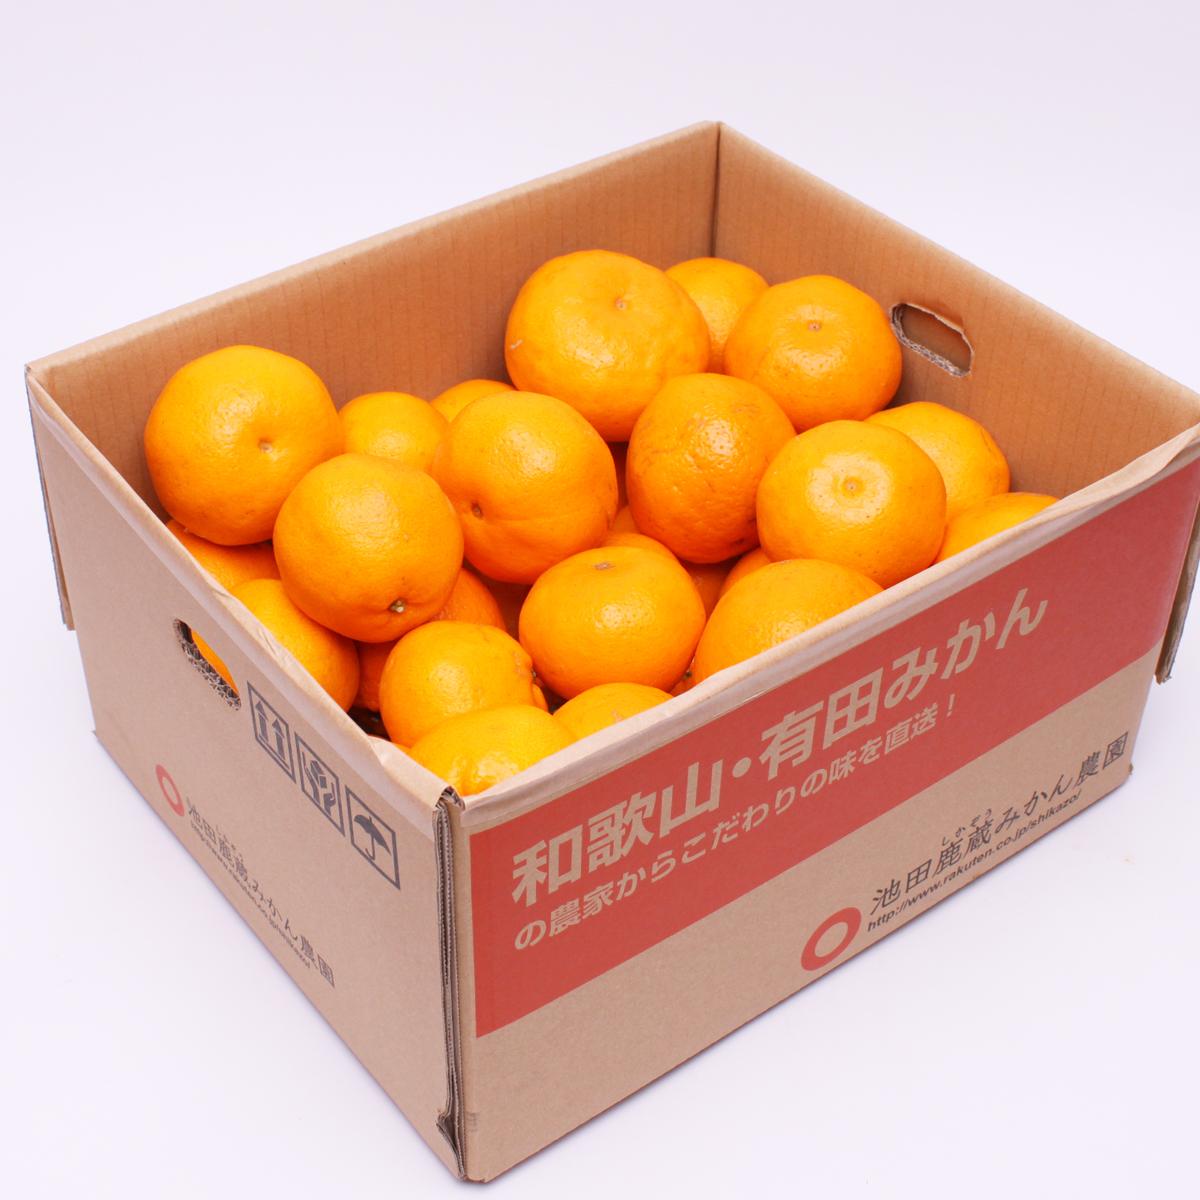 特別栽培 はるみ7kg 【発送時期指定可】有機肥料100% 寄附金額12,000円 (和歌山県広川町)